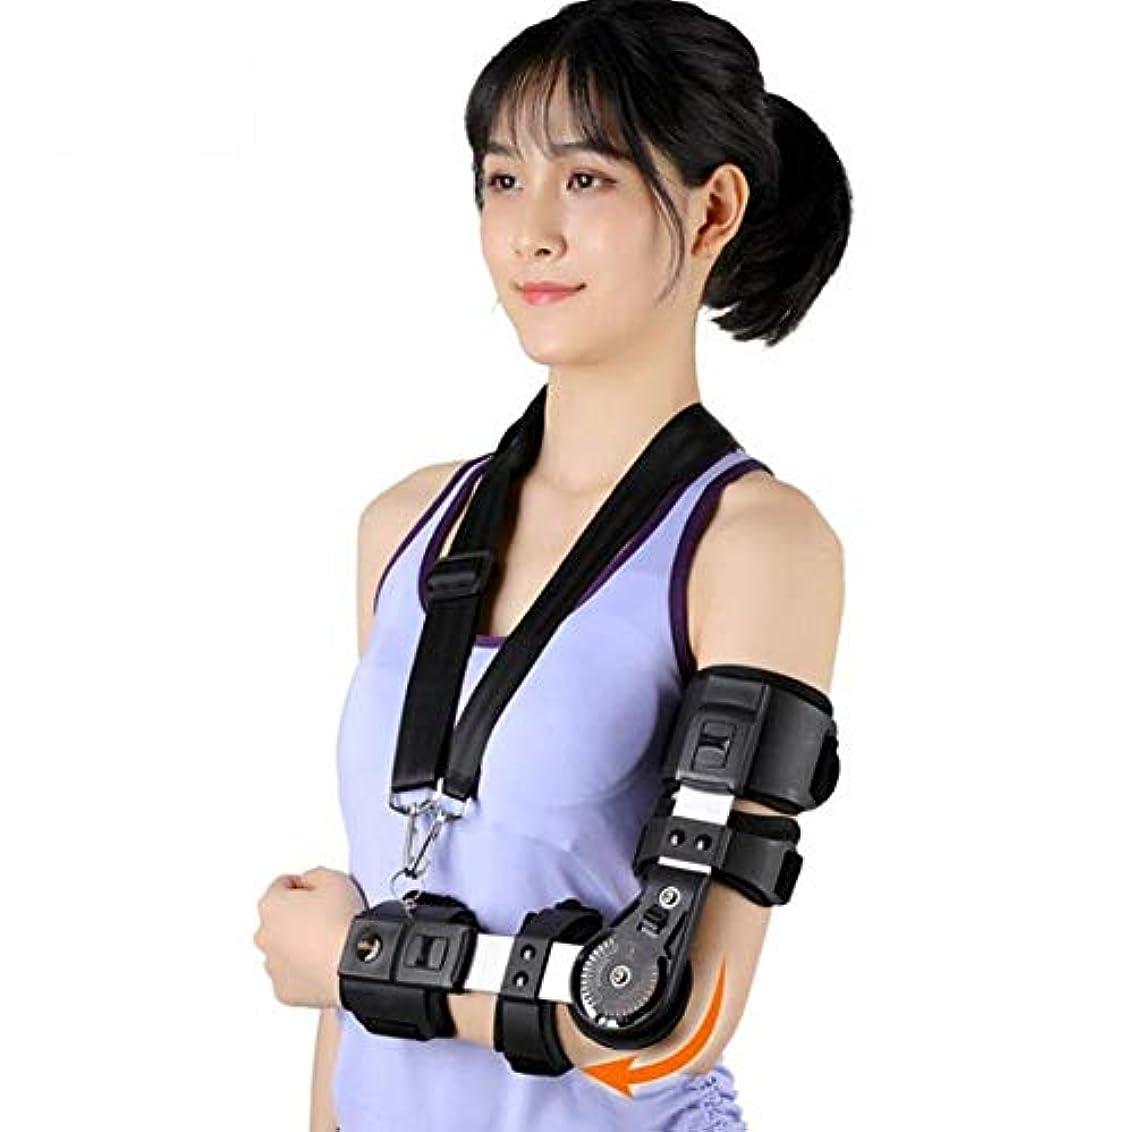 あいさつ返済好むヒンジ付きエルボーブレース、スリング付き、調整可能なエルボースプリントブレースアームイモビライザー、術後腕損傷回復用エルボスリングショルダーイモビライザー,Left